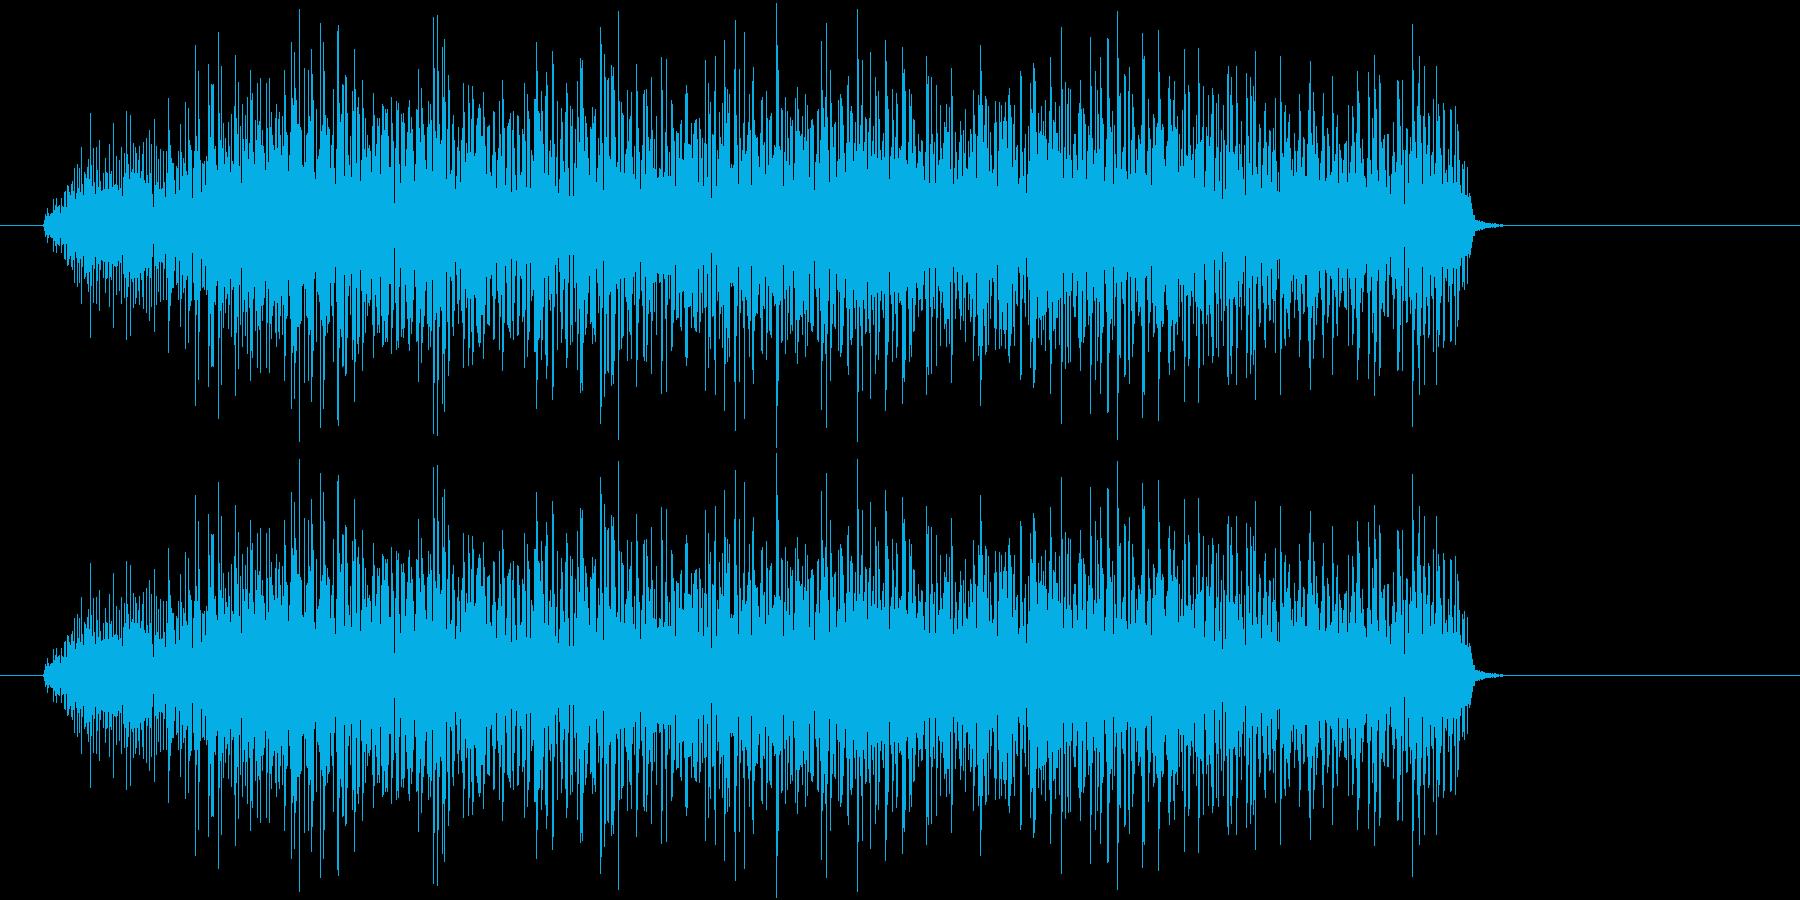 「あああああ」デスボイスの再生済みの波形